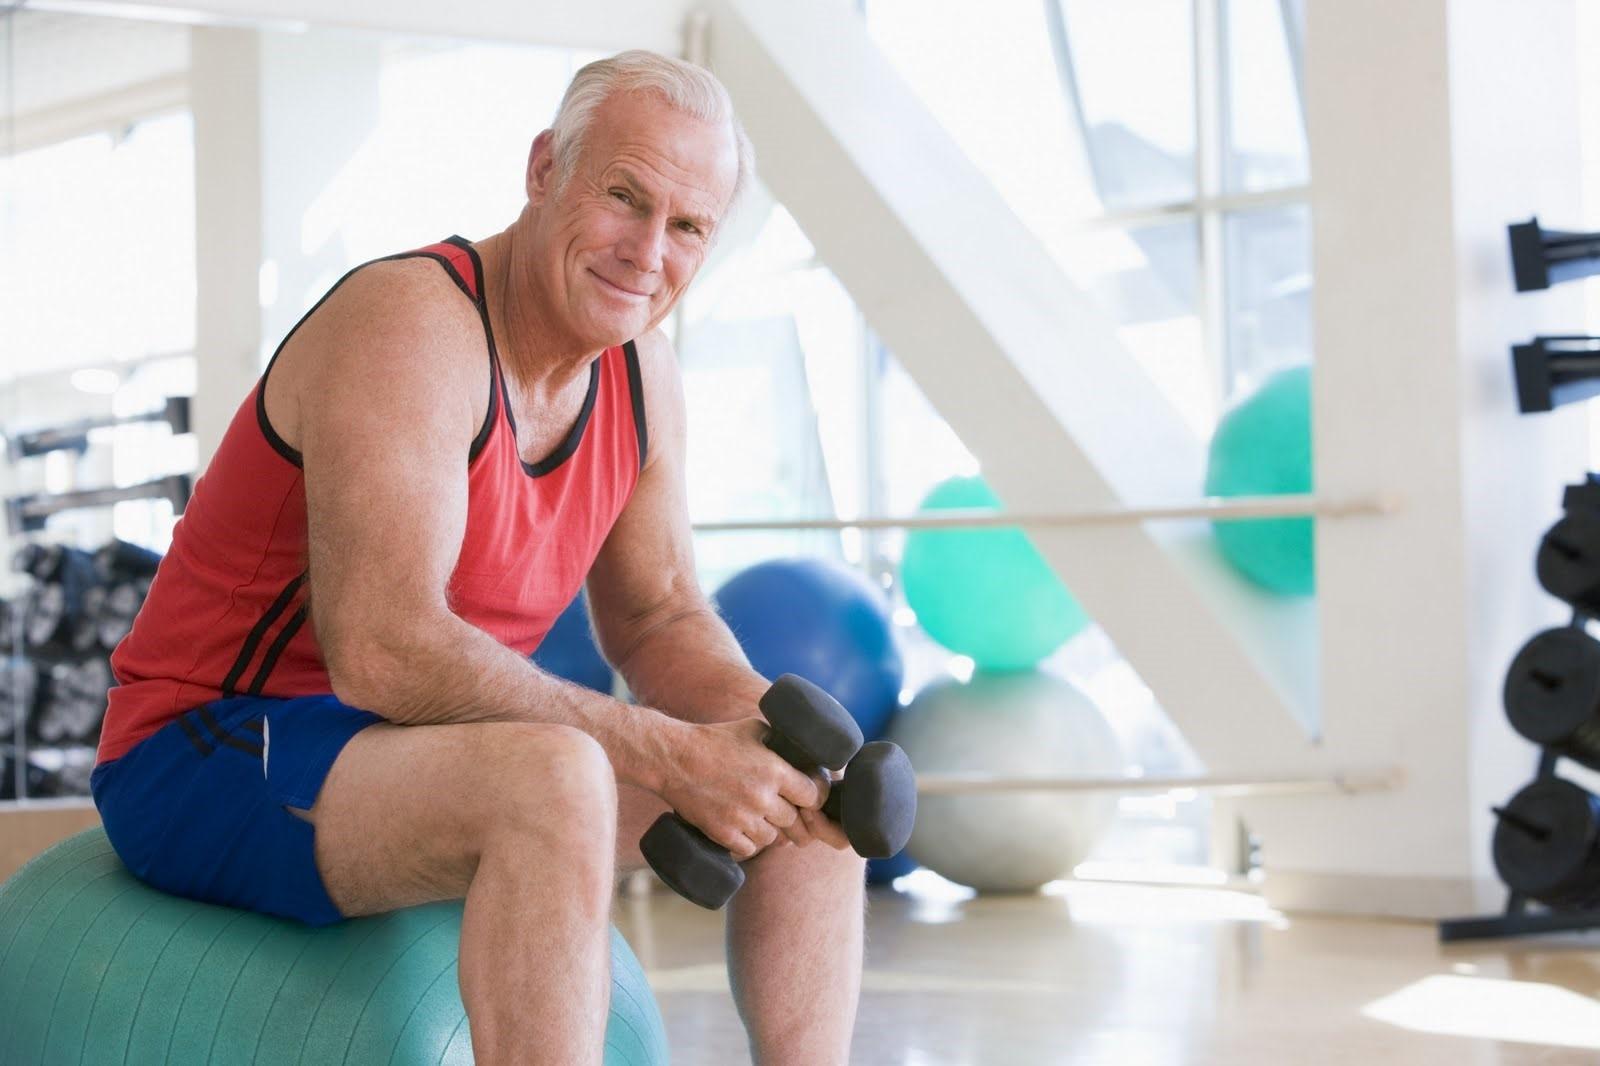 Советы, чтобы избежать травм при выполнении упражнений для тех, кто старше 65